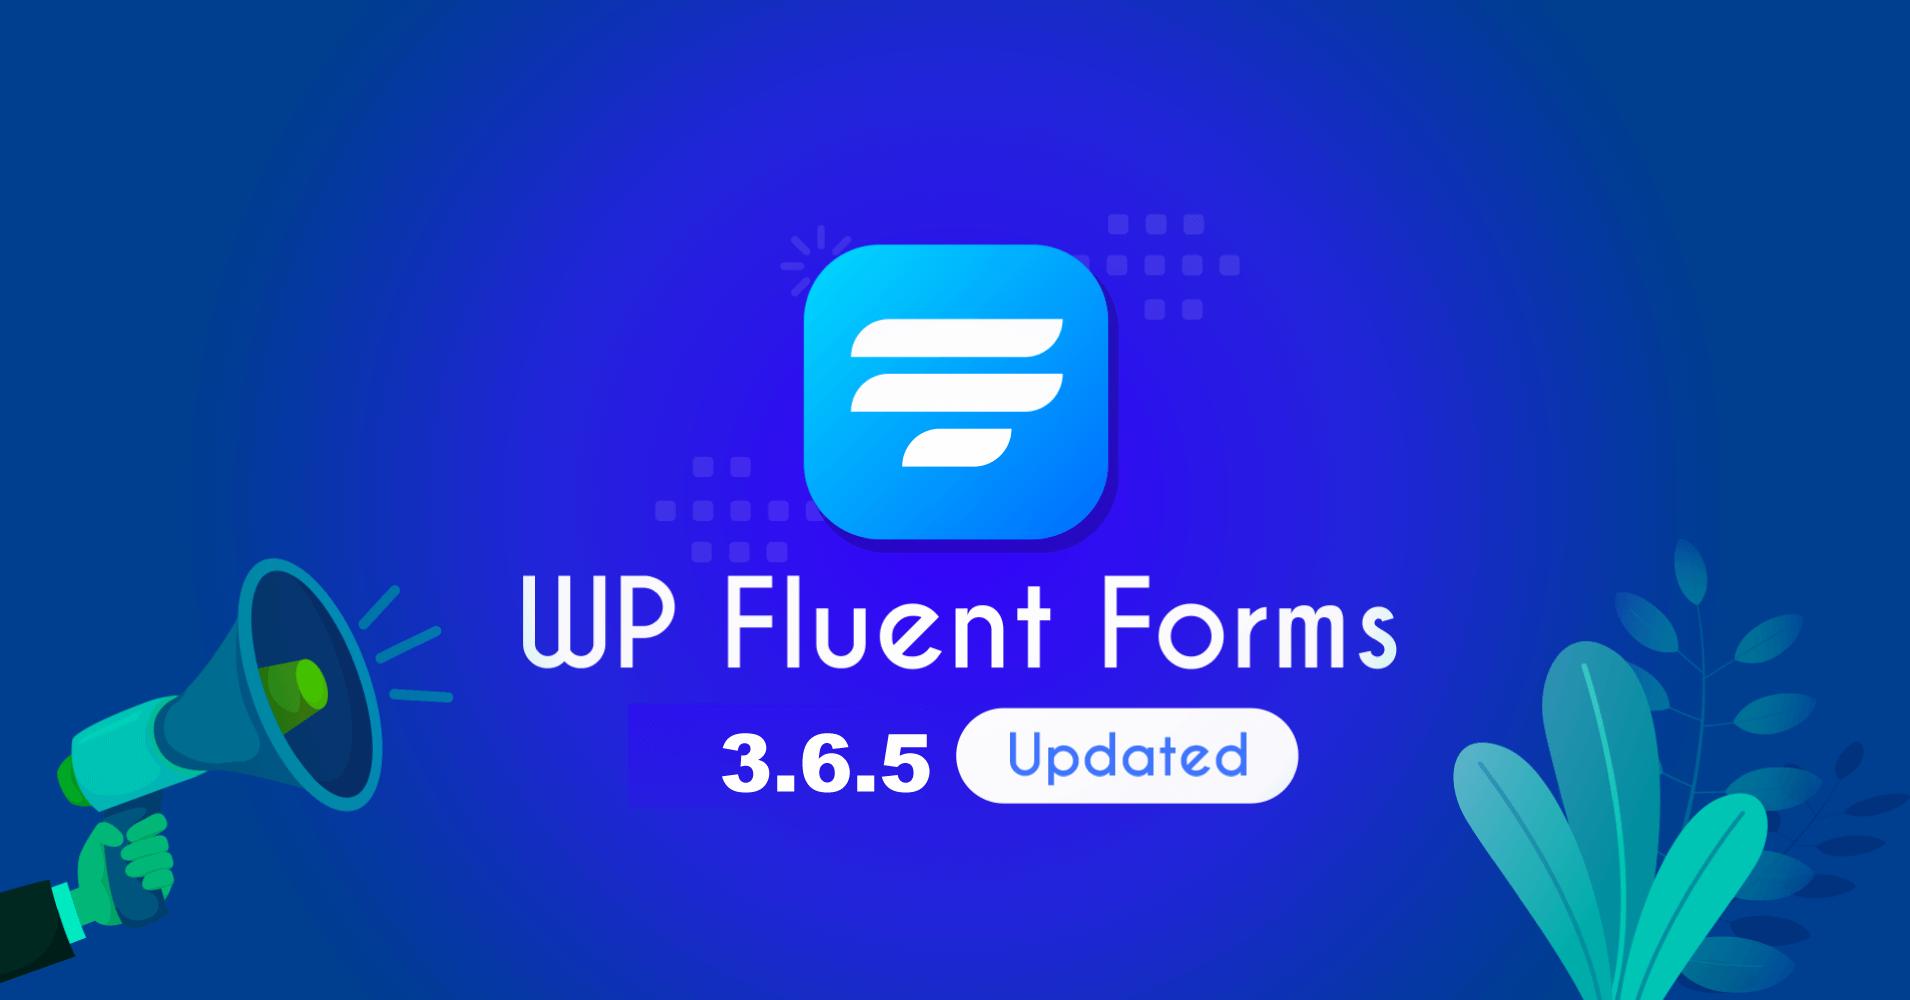 Fluent Forms update, WordPress, plugin